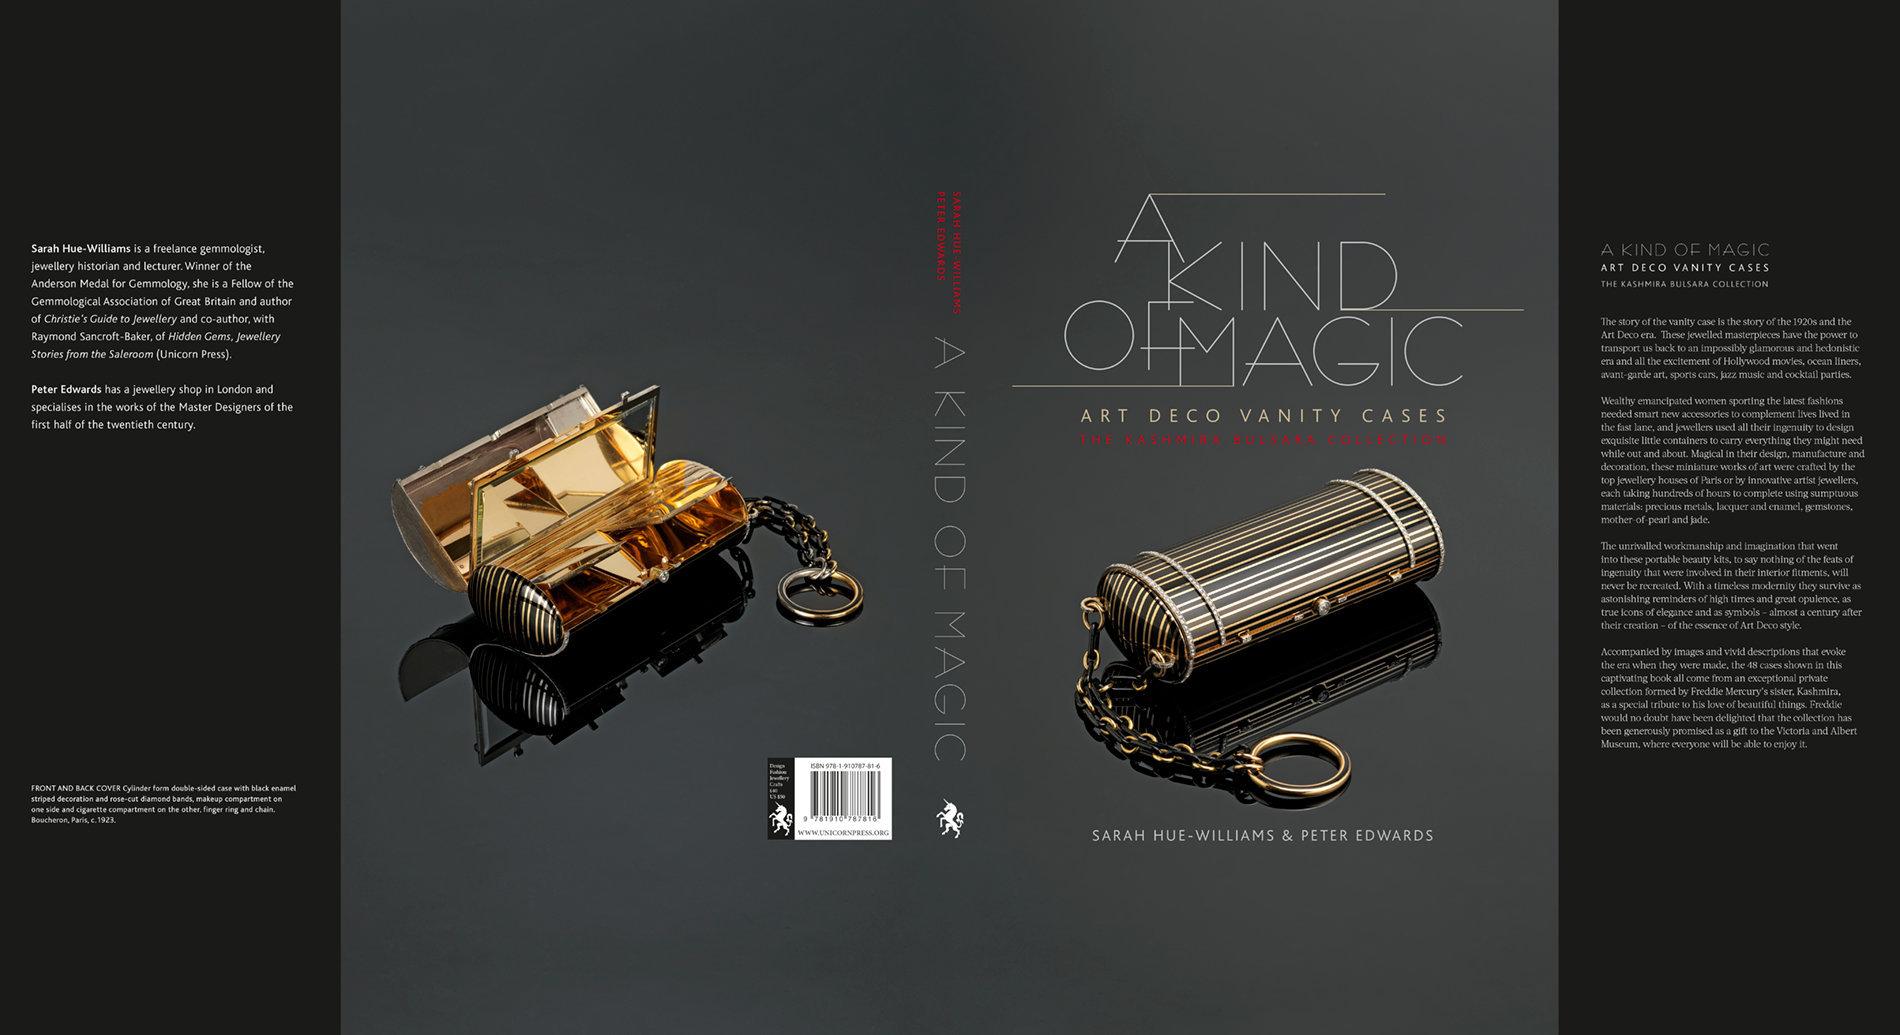 A Kind of Magic - Art Deco Vanity Cases